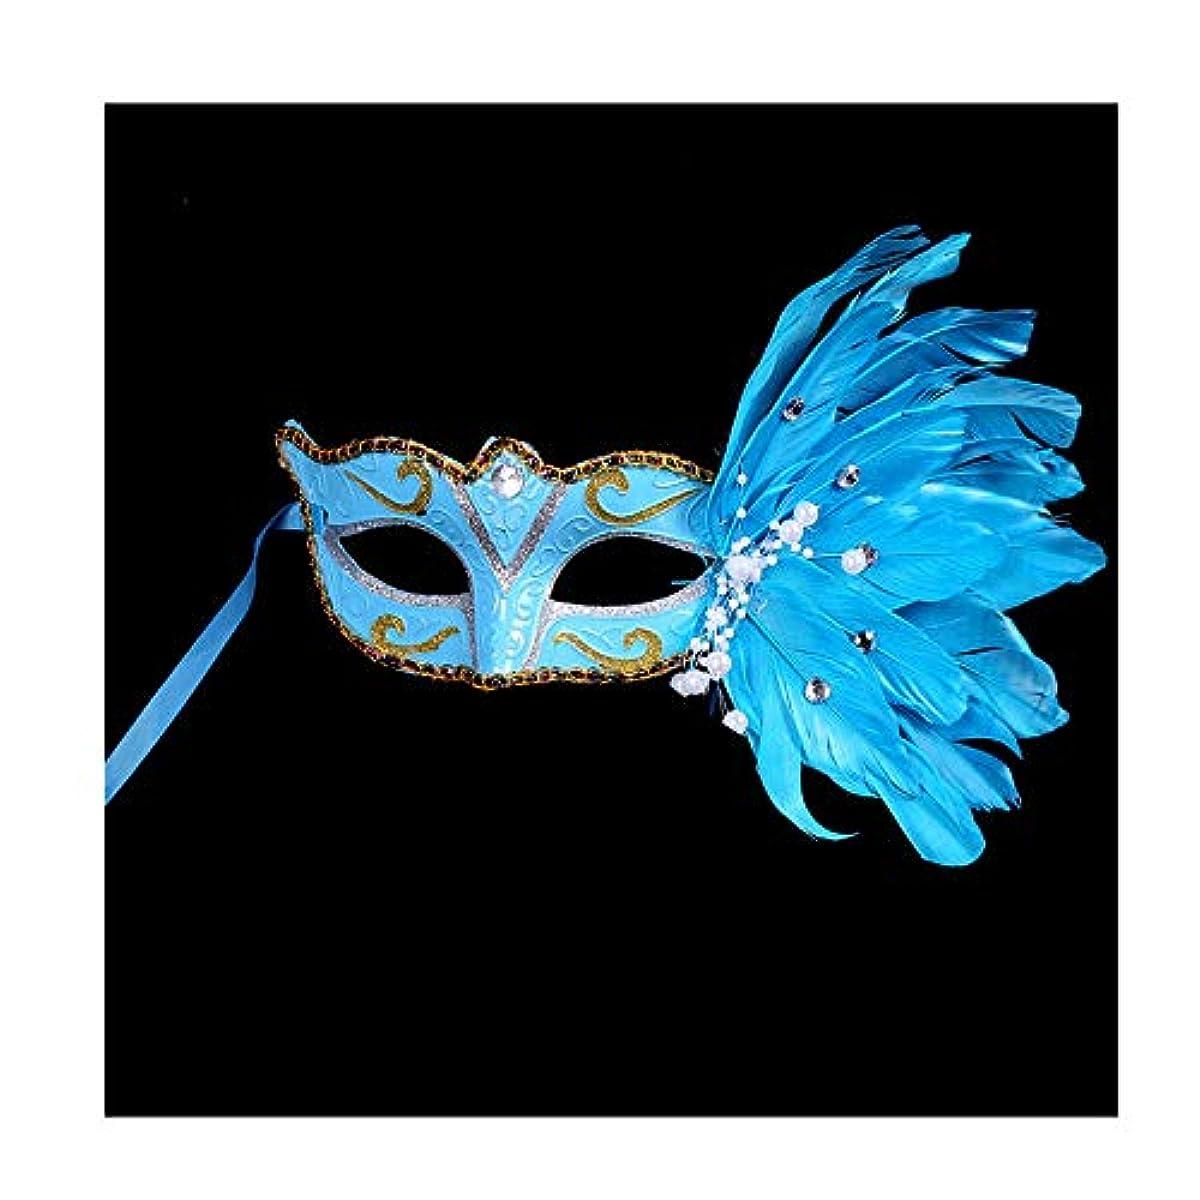 ケープ滑りやすい女王KTVバーマスカレードハロウィンクリスマスフェザーは、女性のマスクを描きました,F